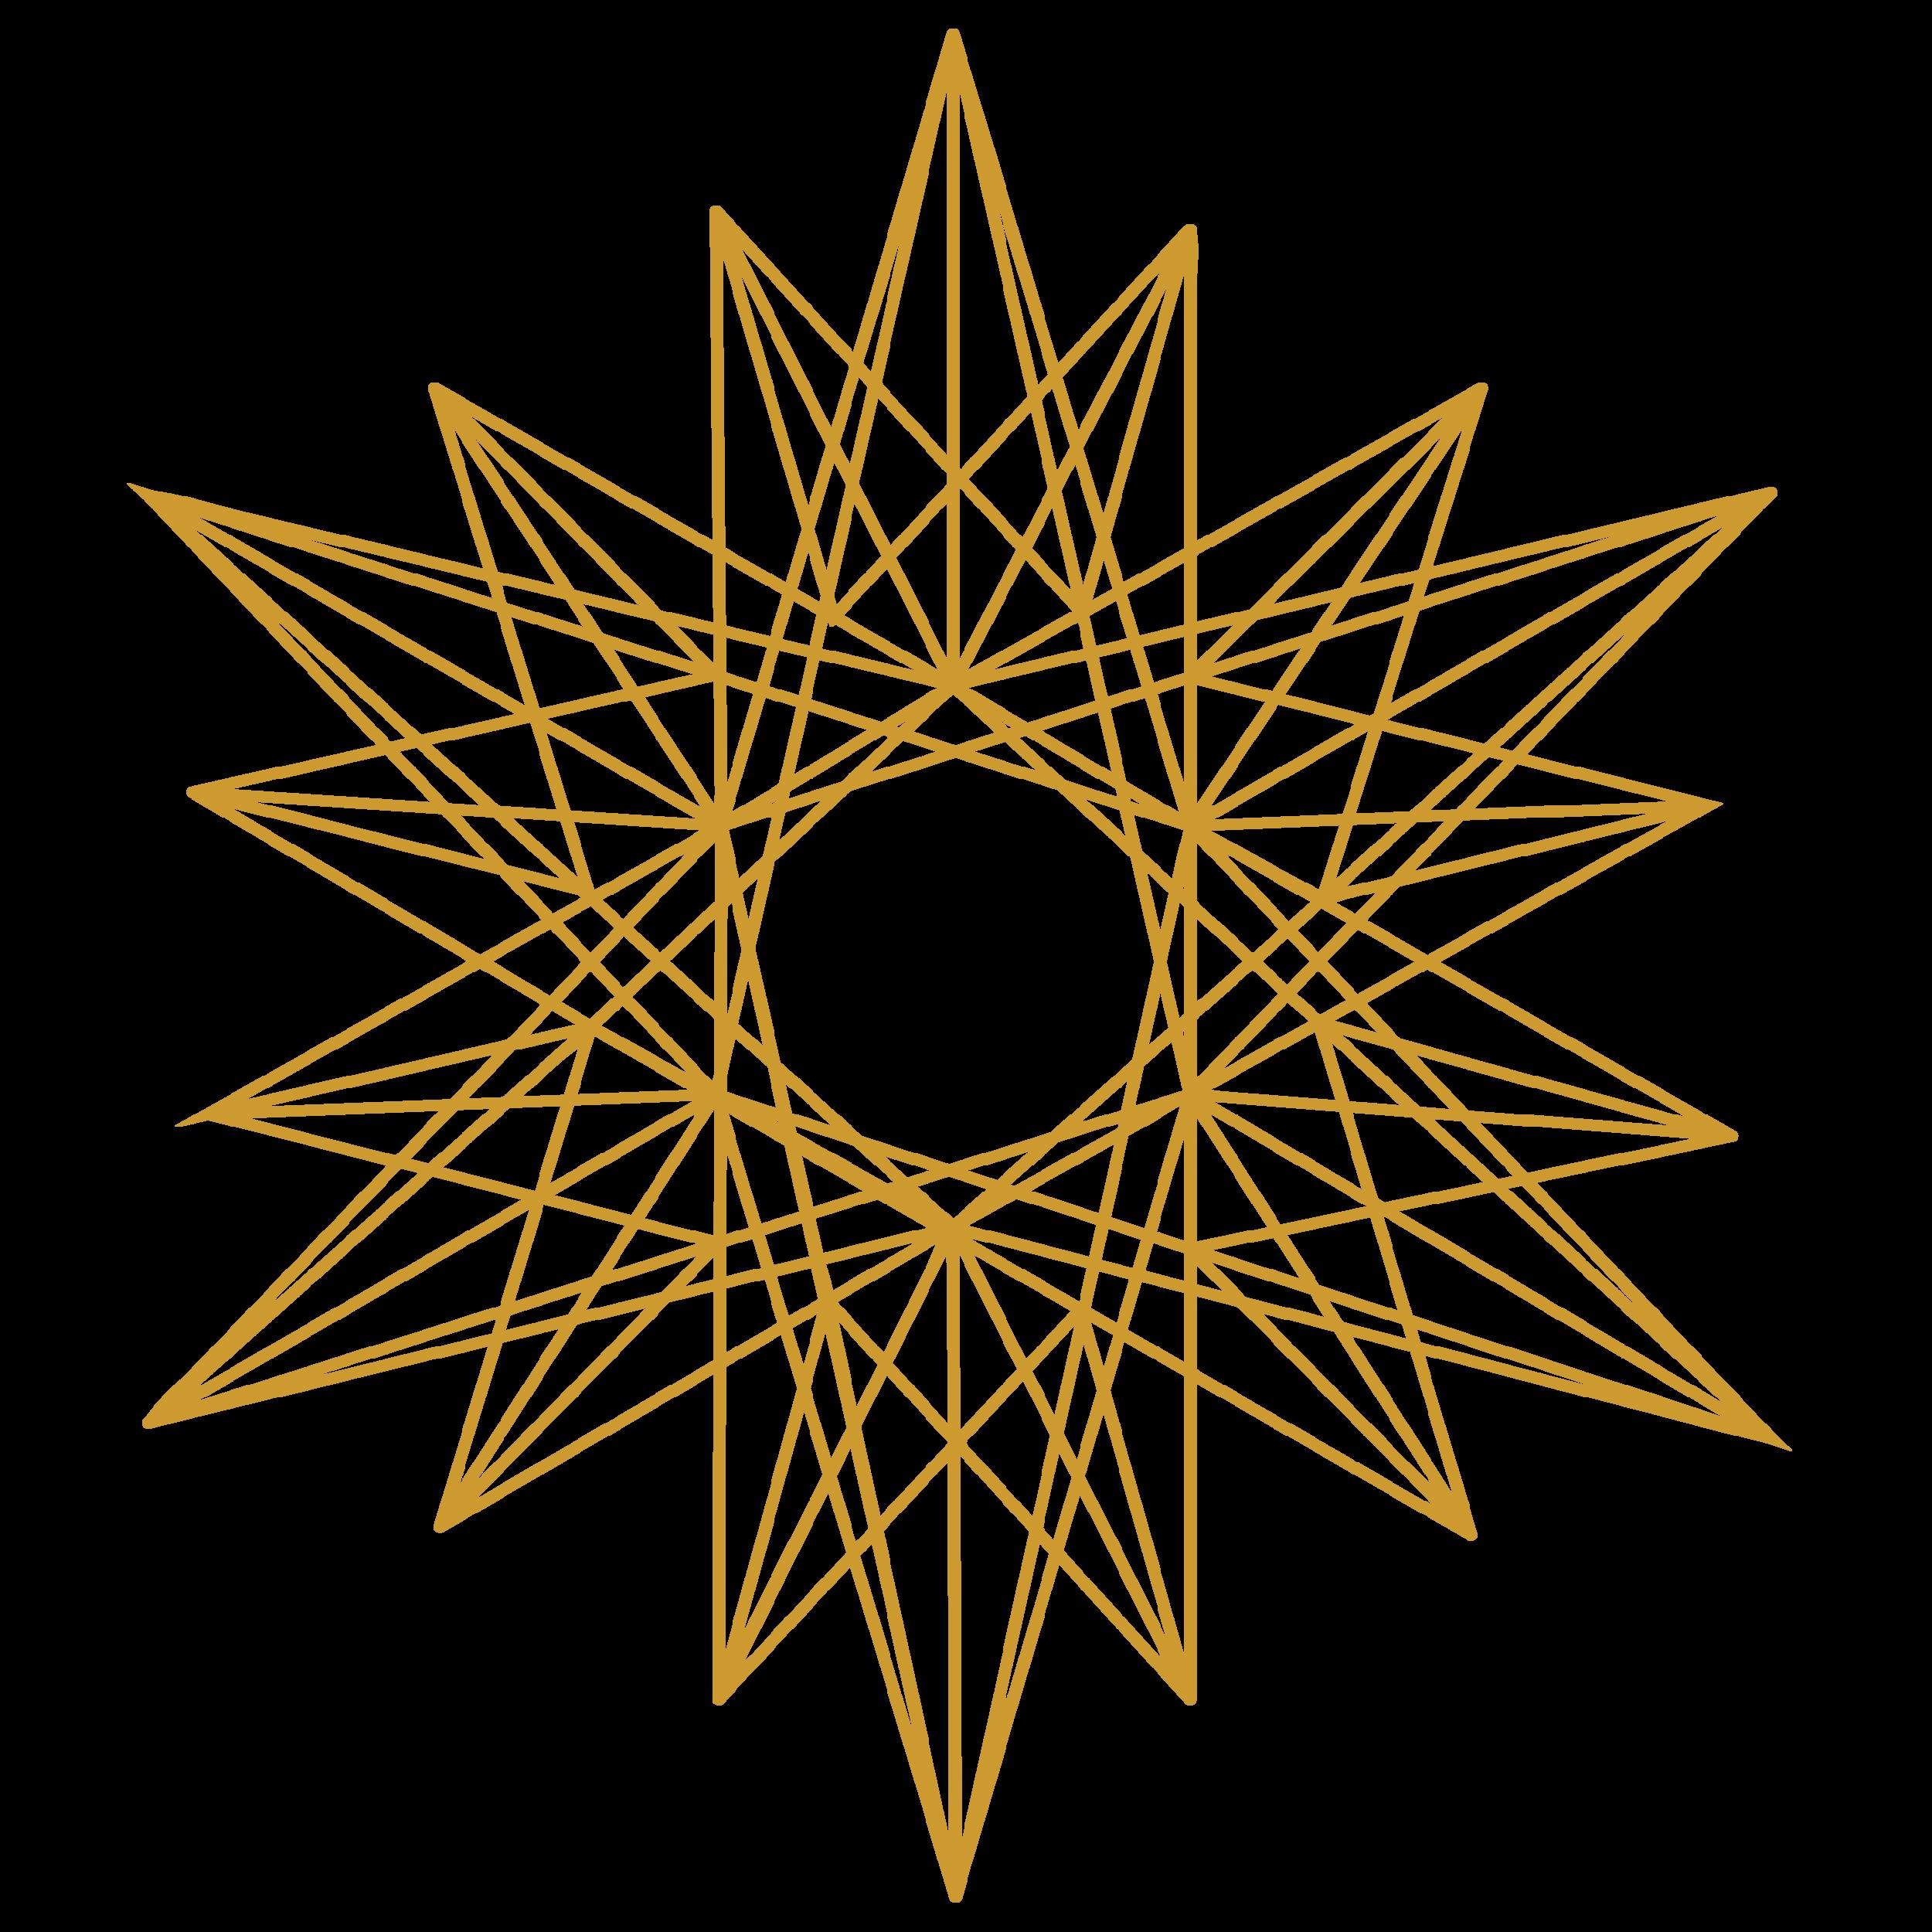 ISUN_Star-IEC.RGB-01.png